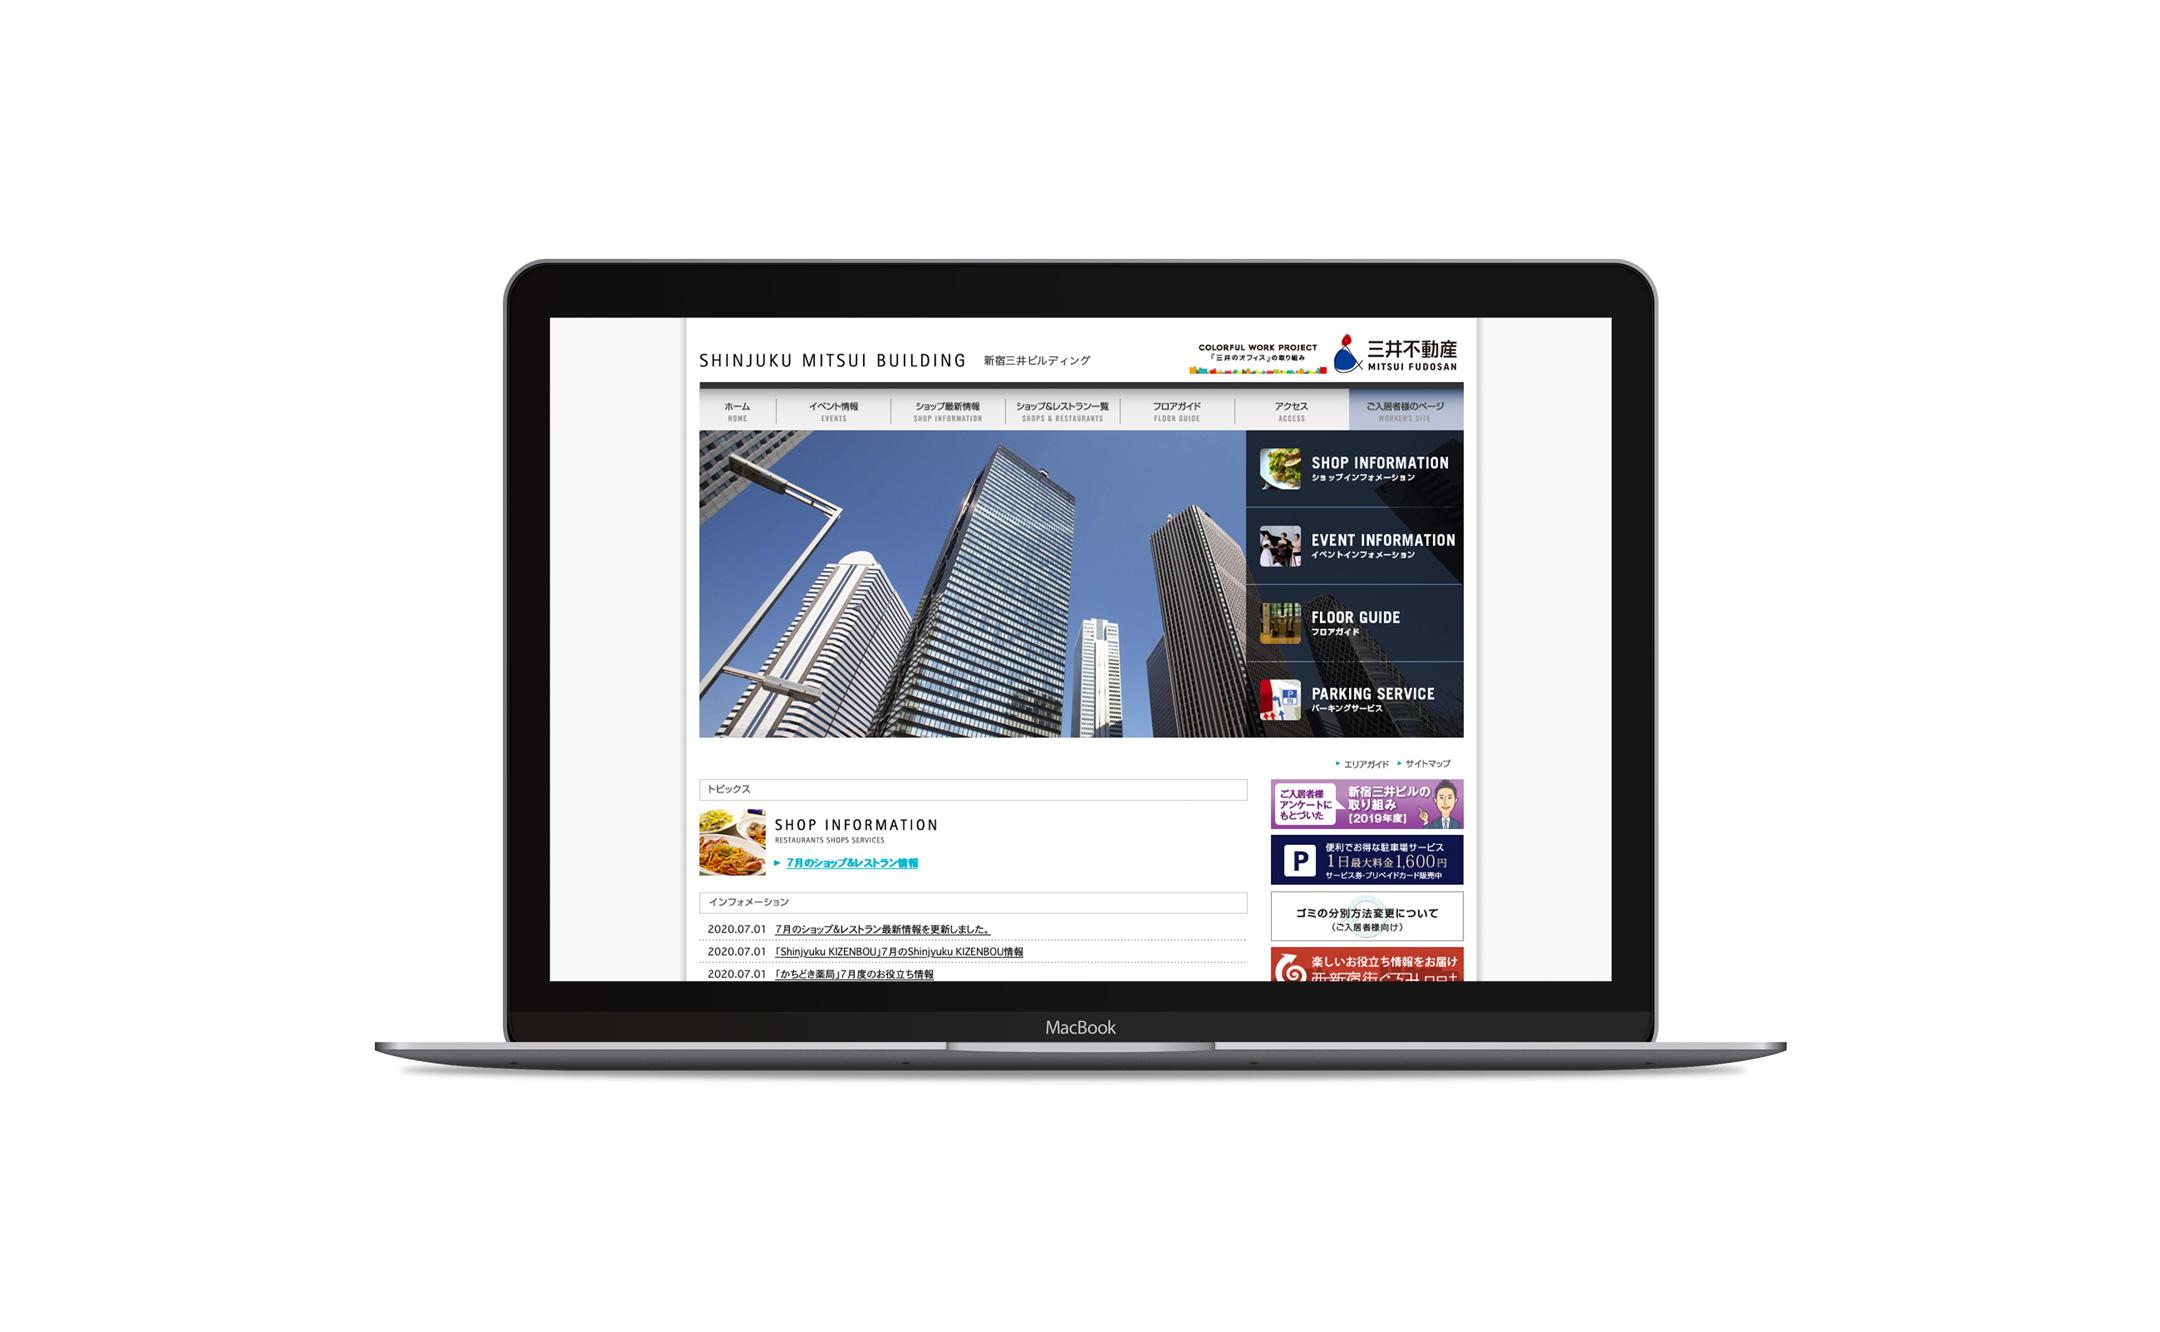 都市部のオフィスビル「新宿三井ビルディング」WEBサイトデザイン